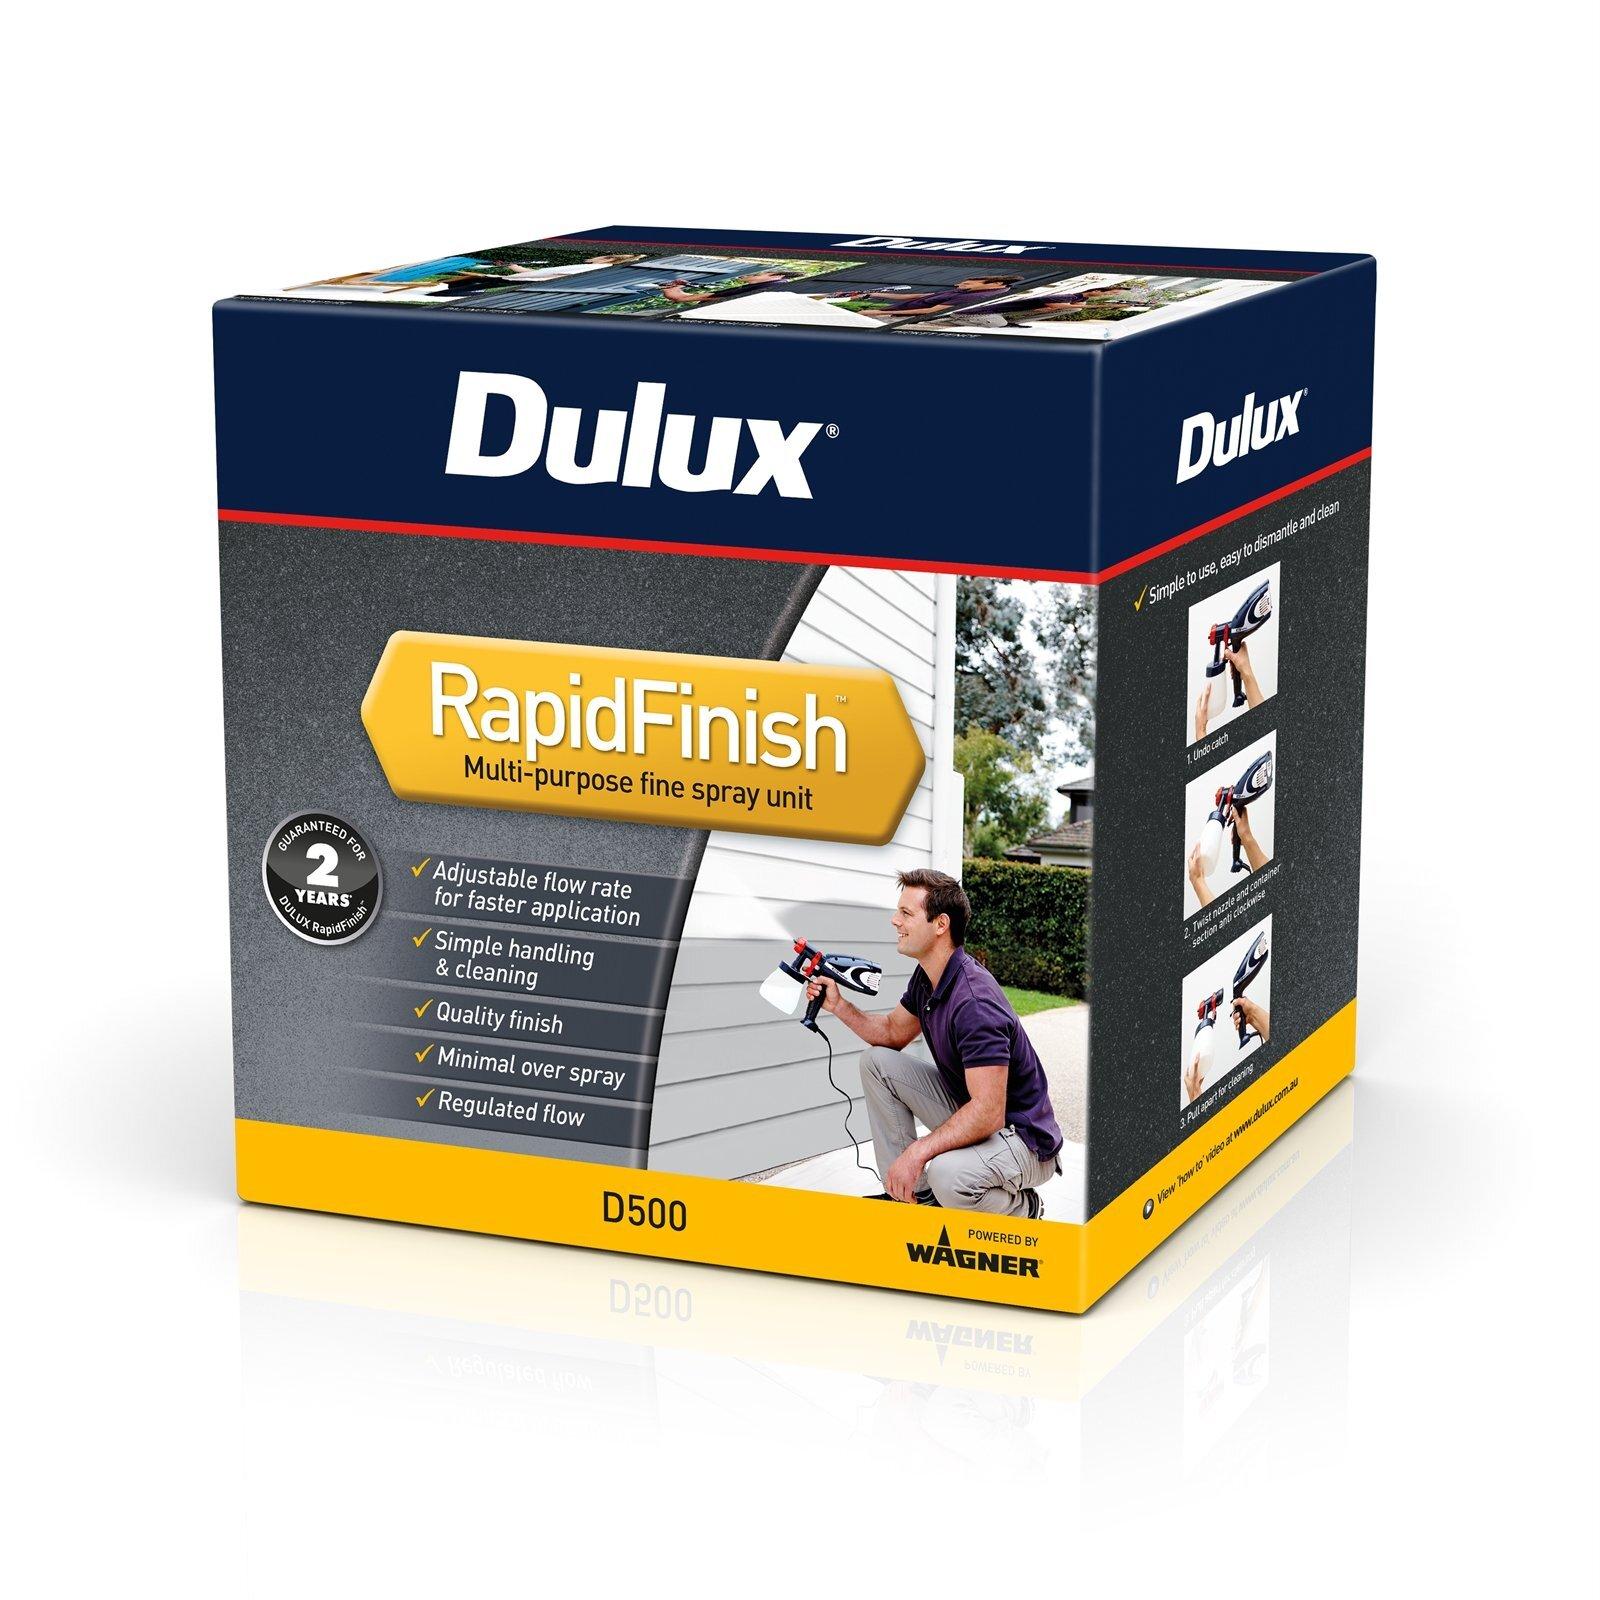 Dulux RapidFinish Paint Spray Gun